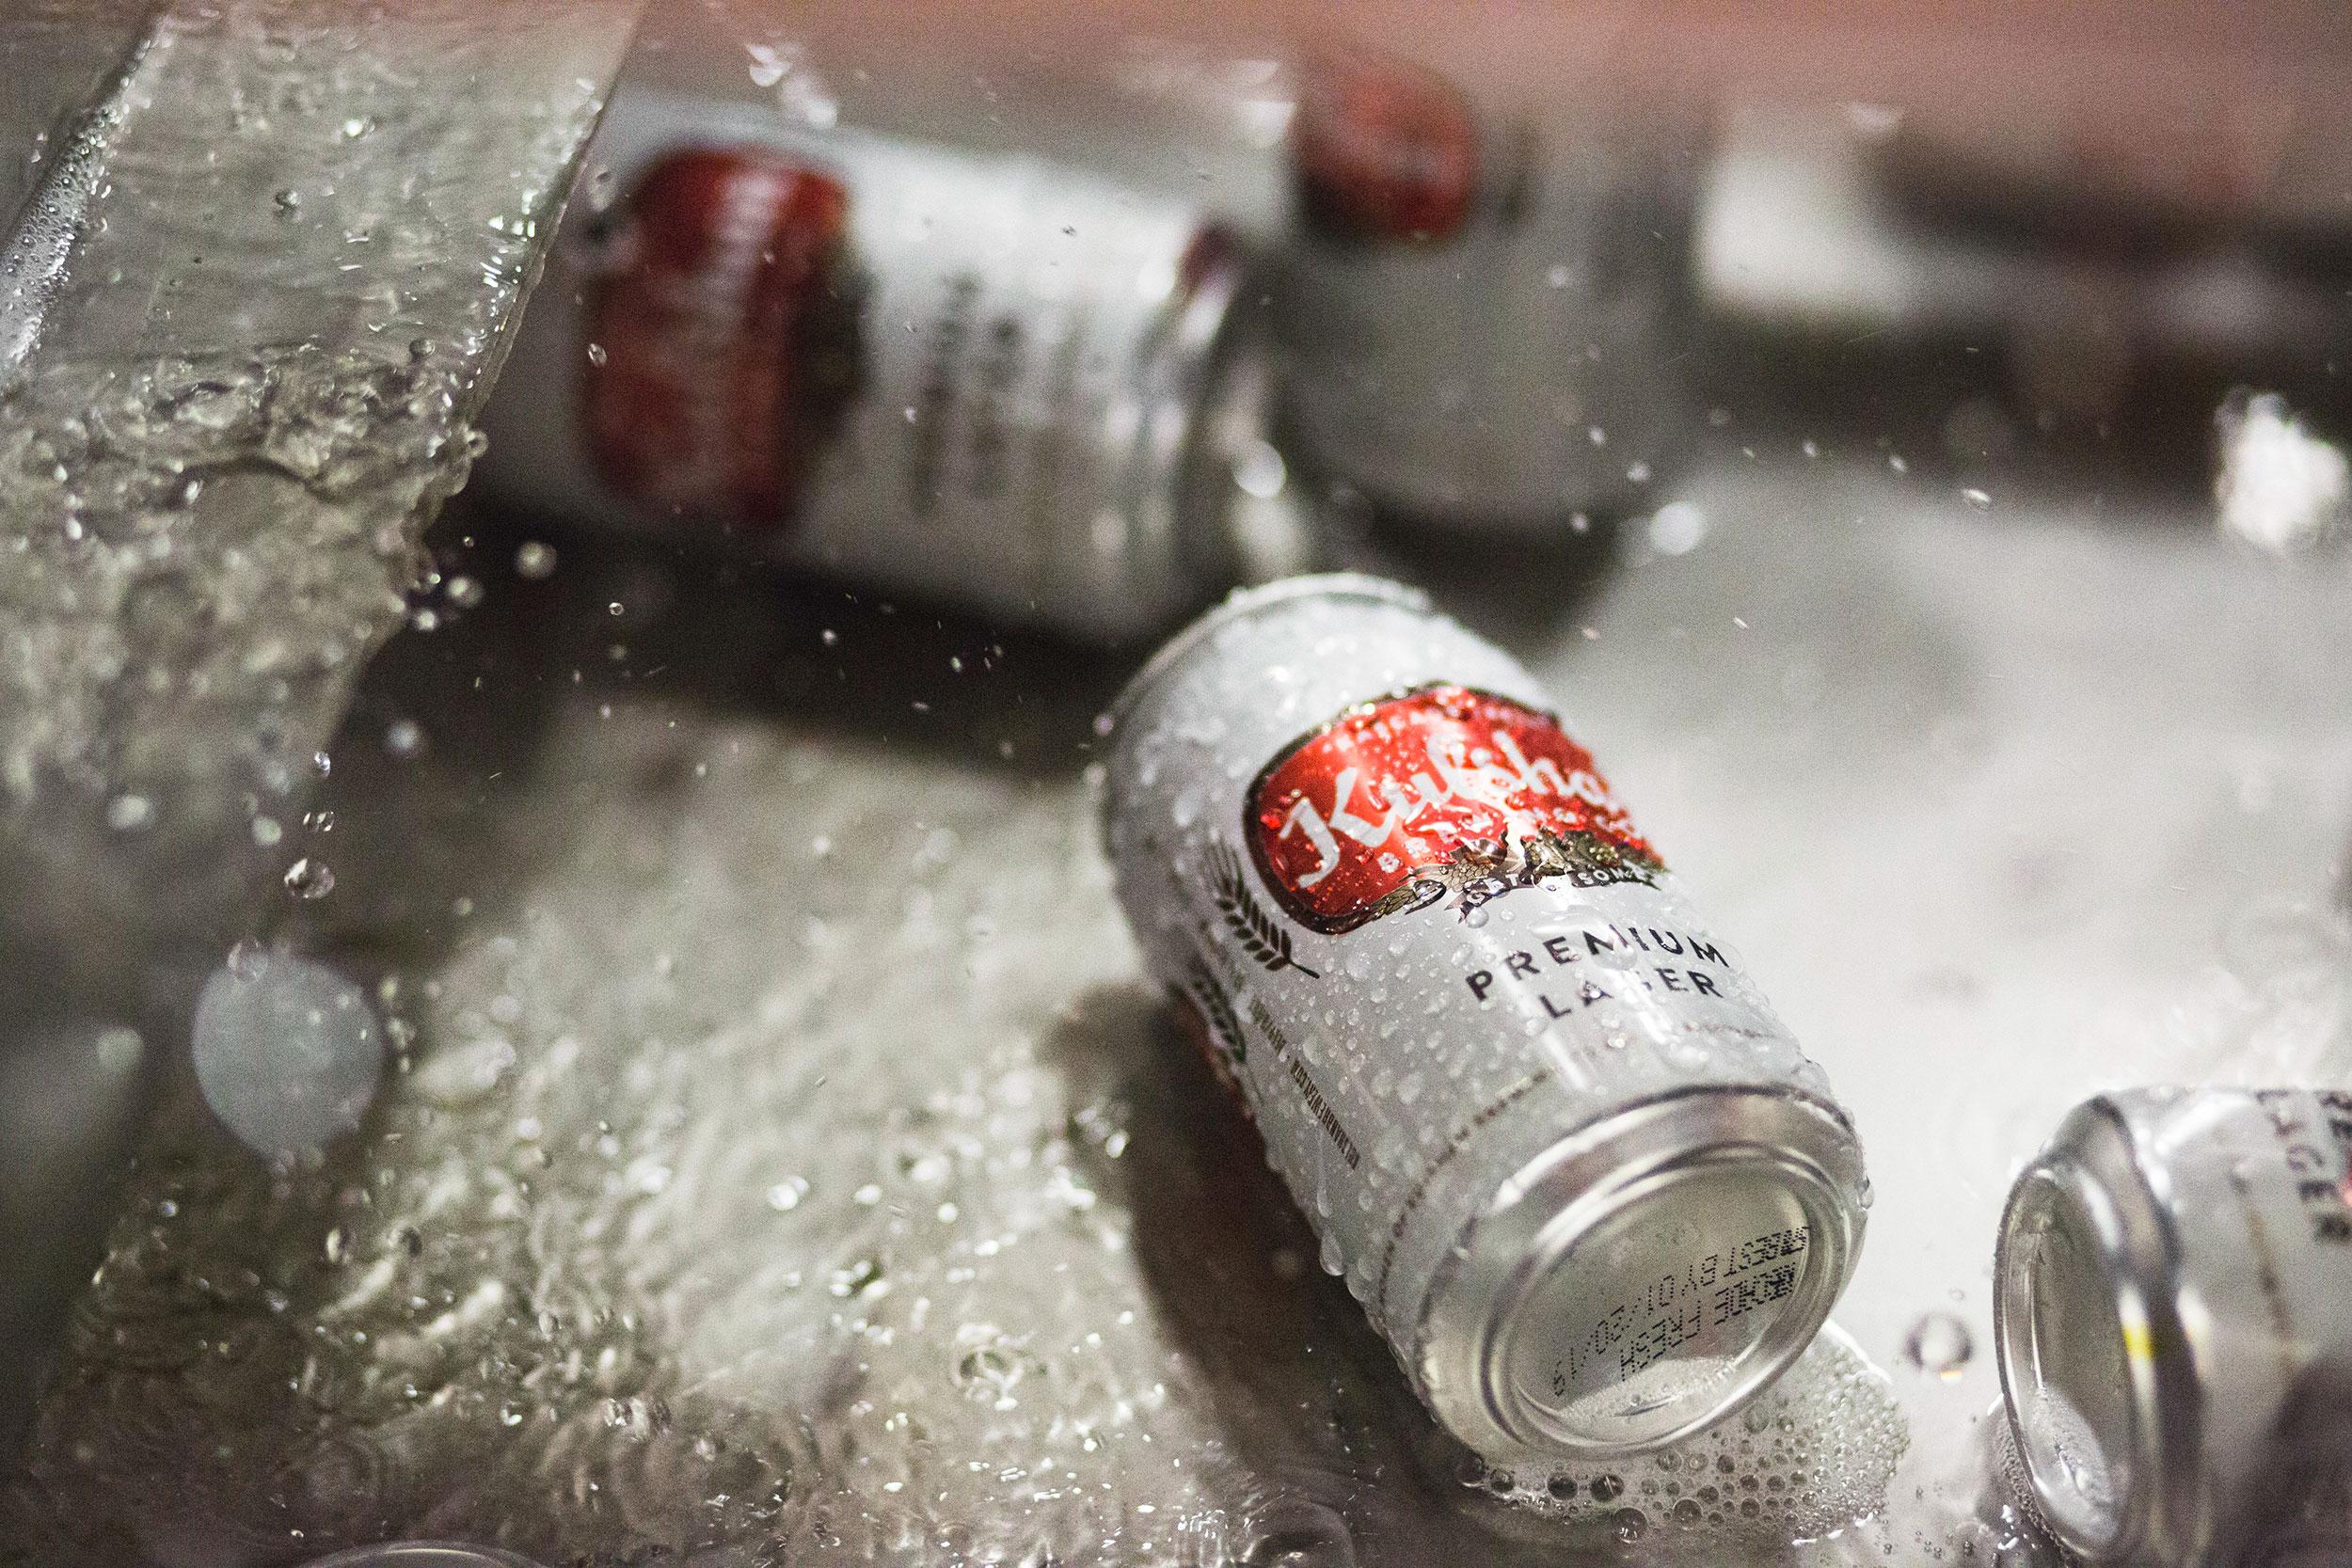 premium-lager-2.jpg